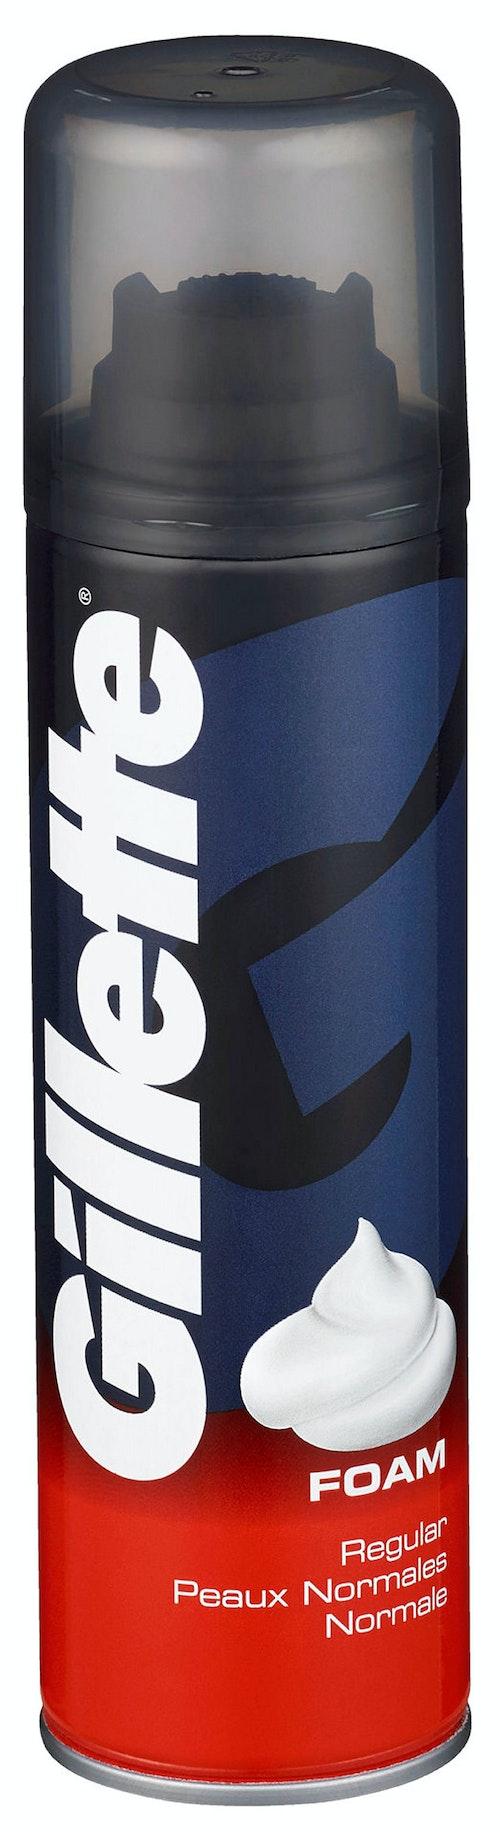 Gillette Barberskum Regular Skum 200 ml